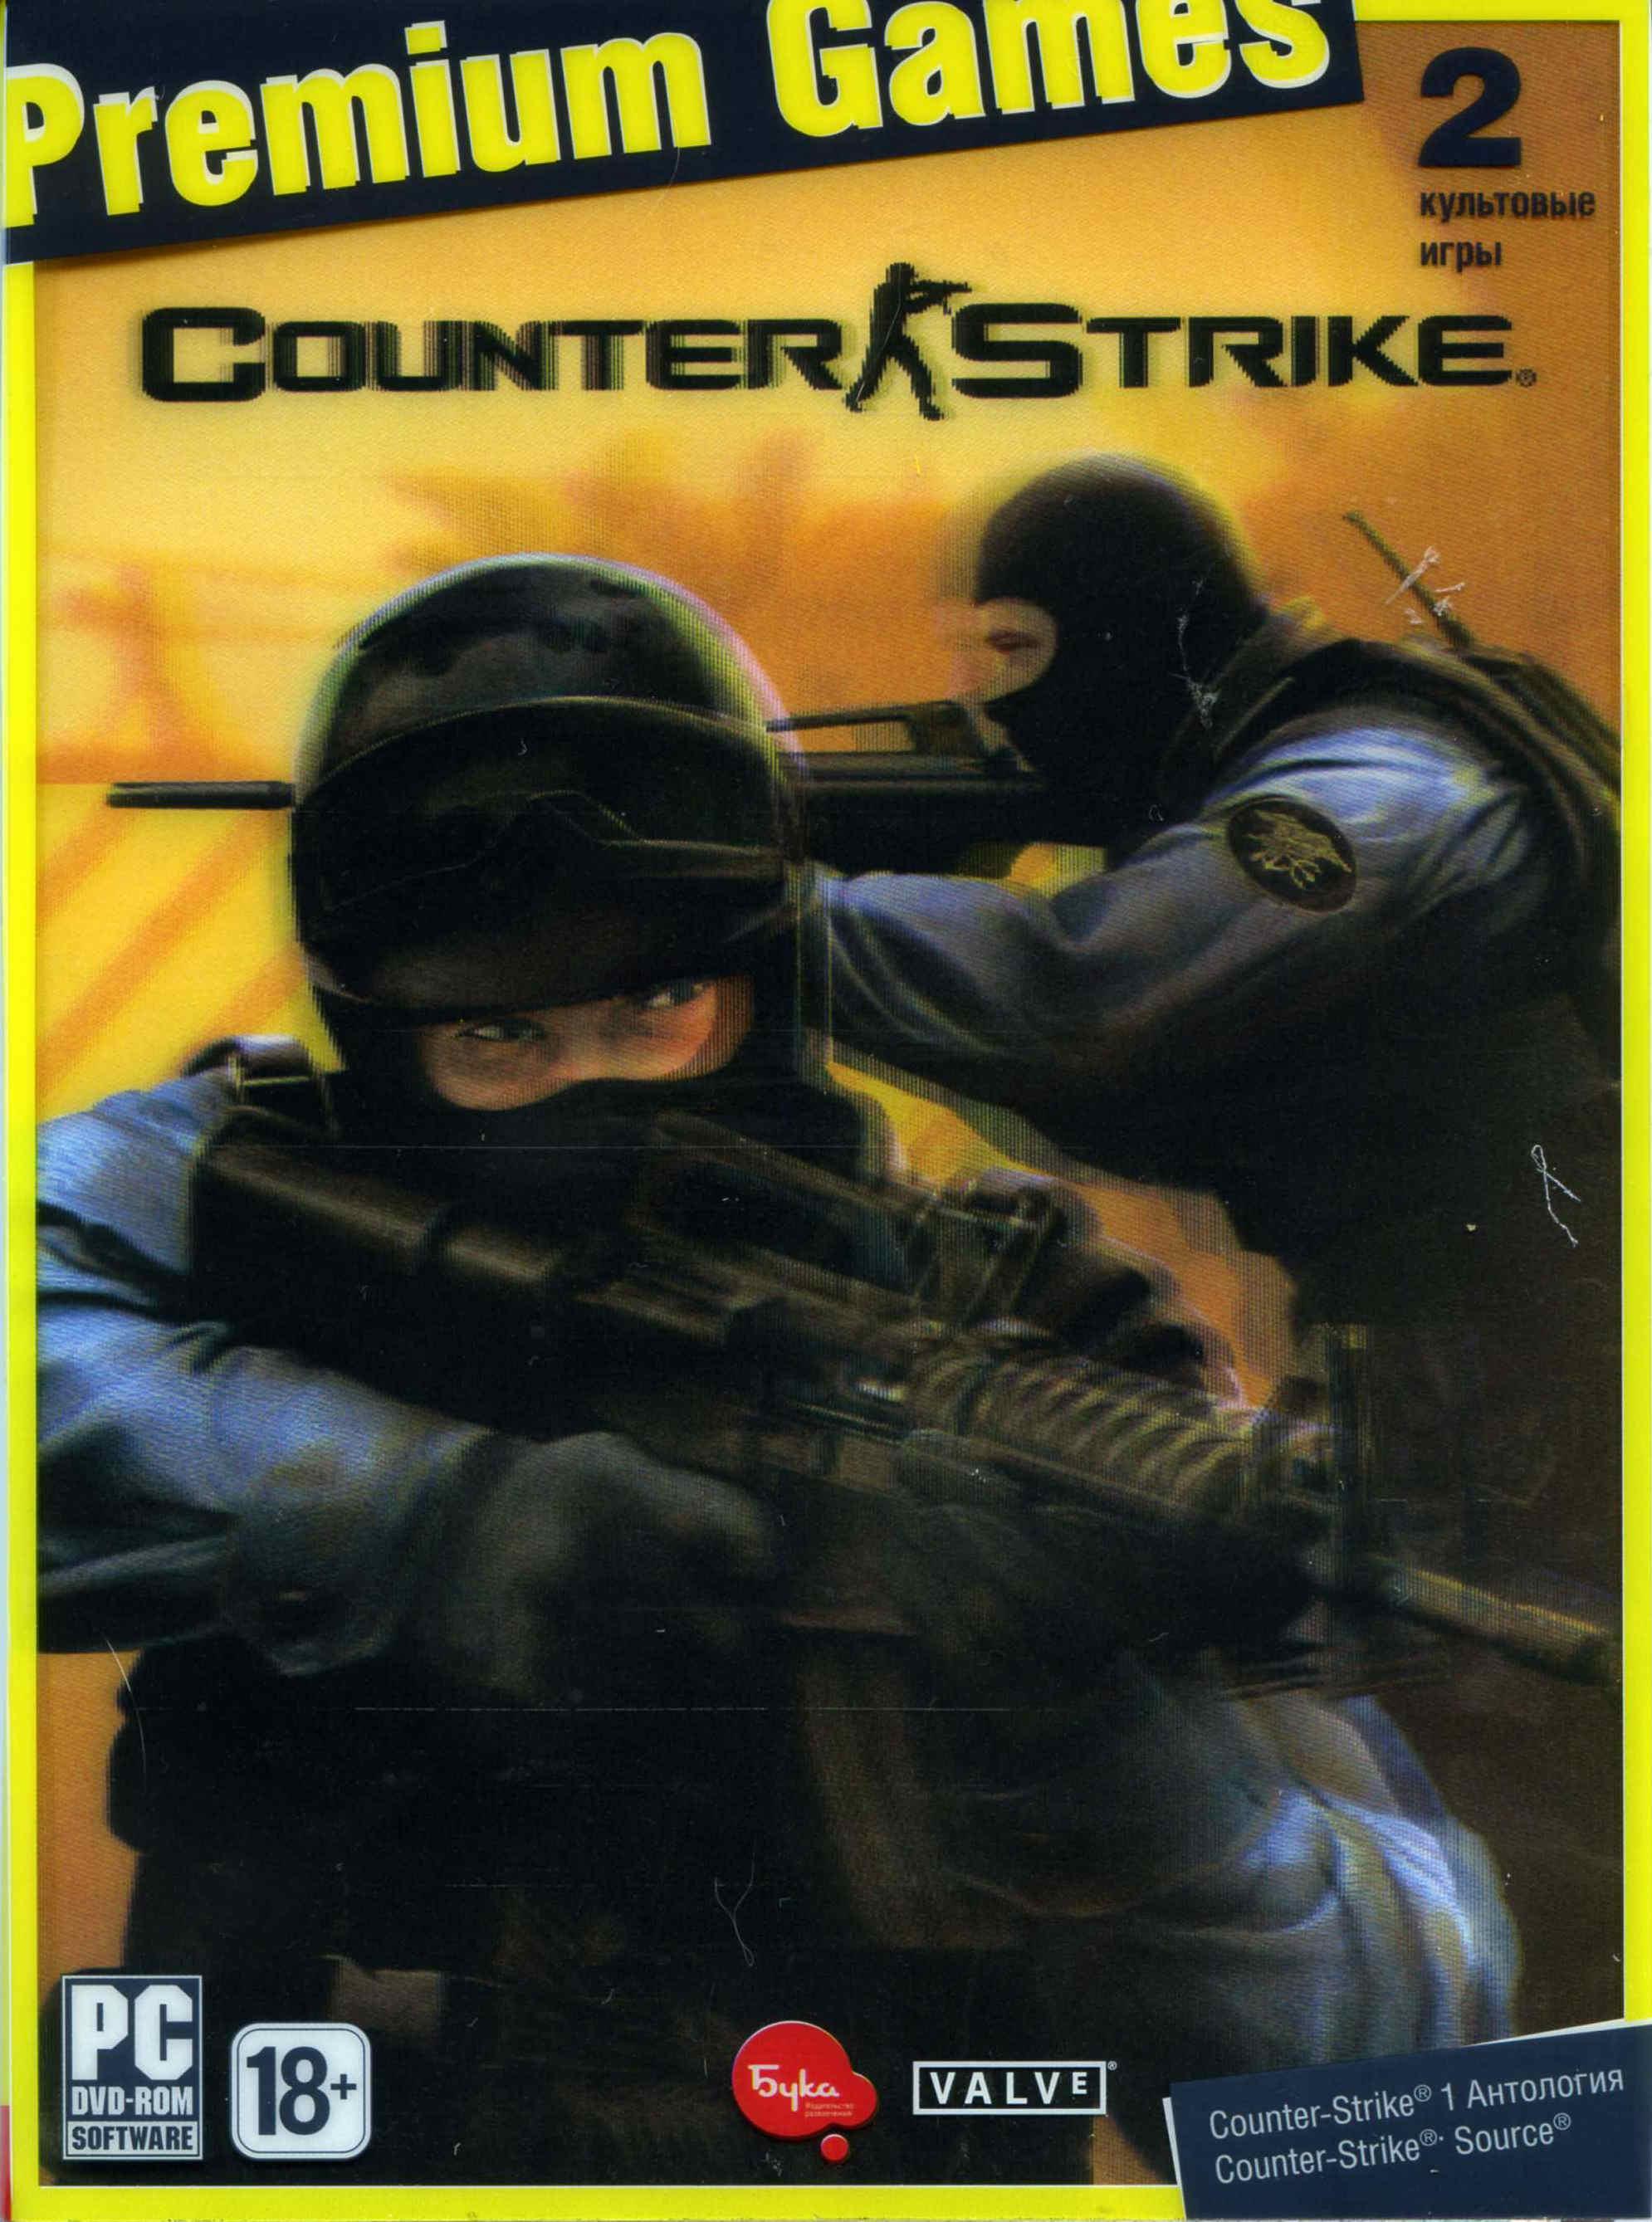 Valve. Год выхода. Описание Counter Strike 2 в 1. Premium Games Вы